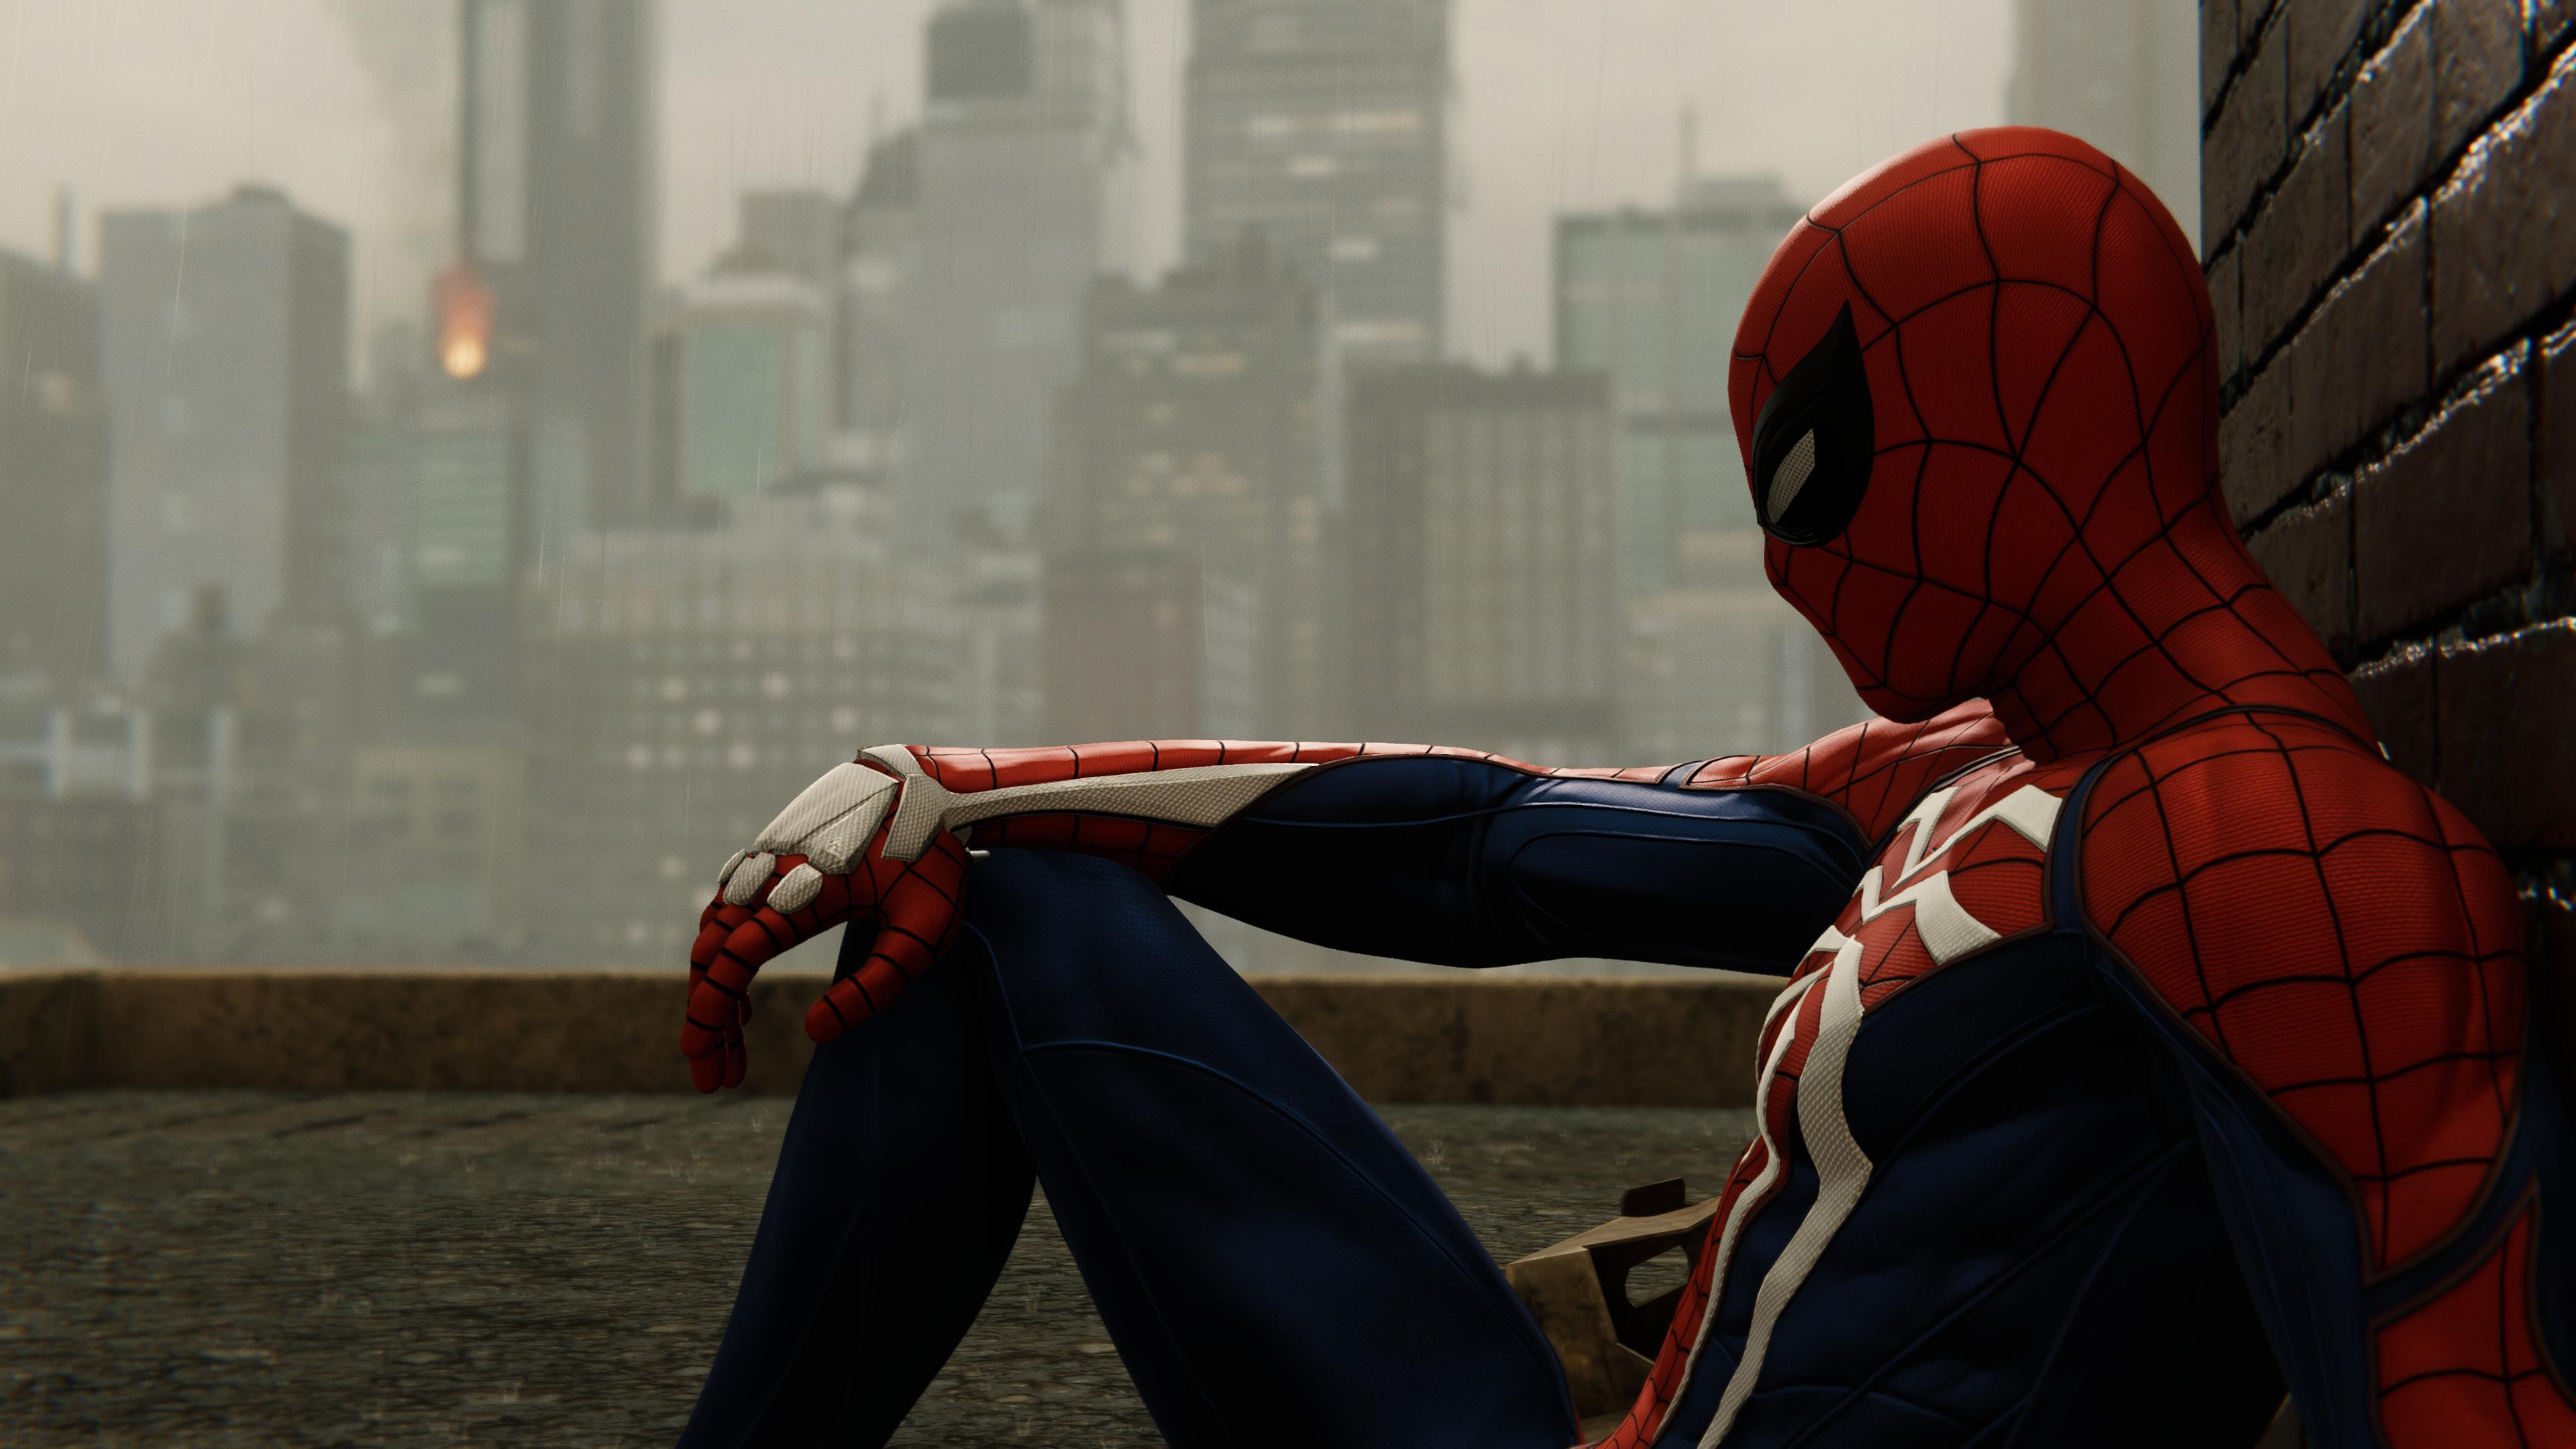 Spider-Man é o jogo que mais rápido vendeu este ano no Reino Unido 5cf0c4a2929ab